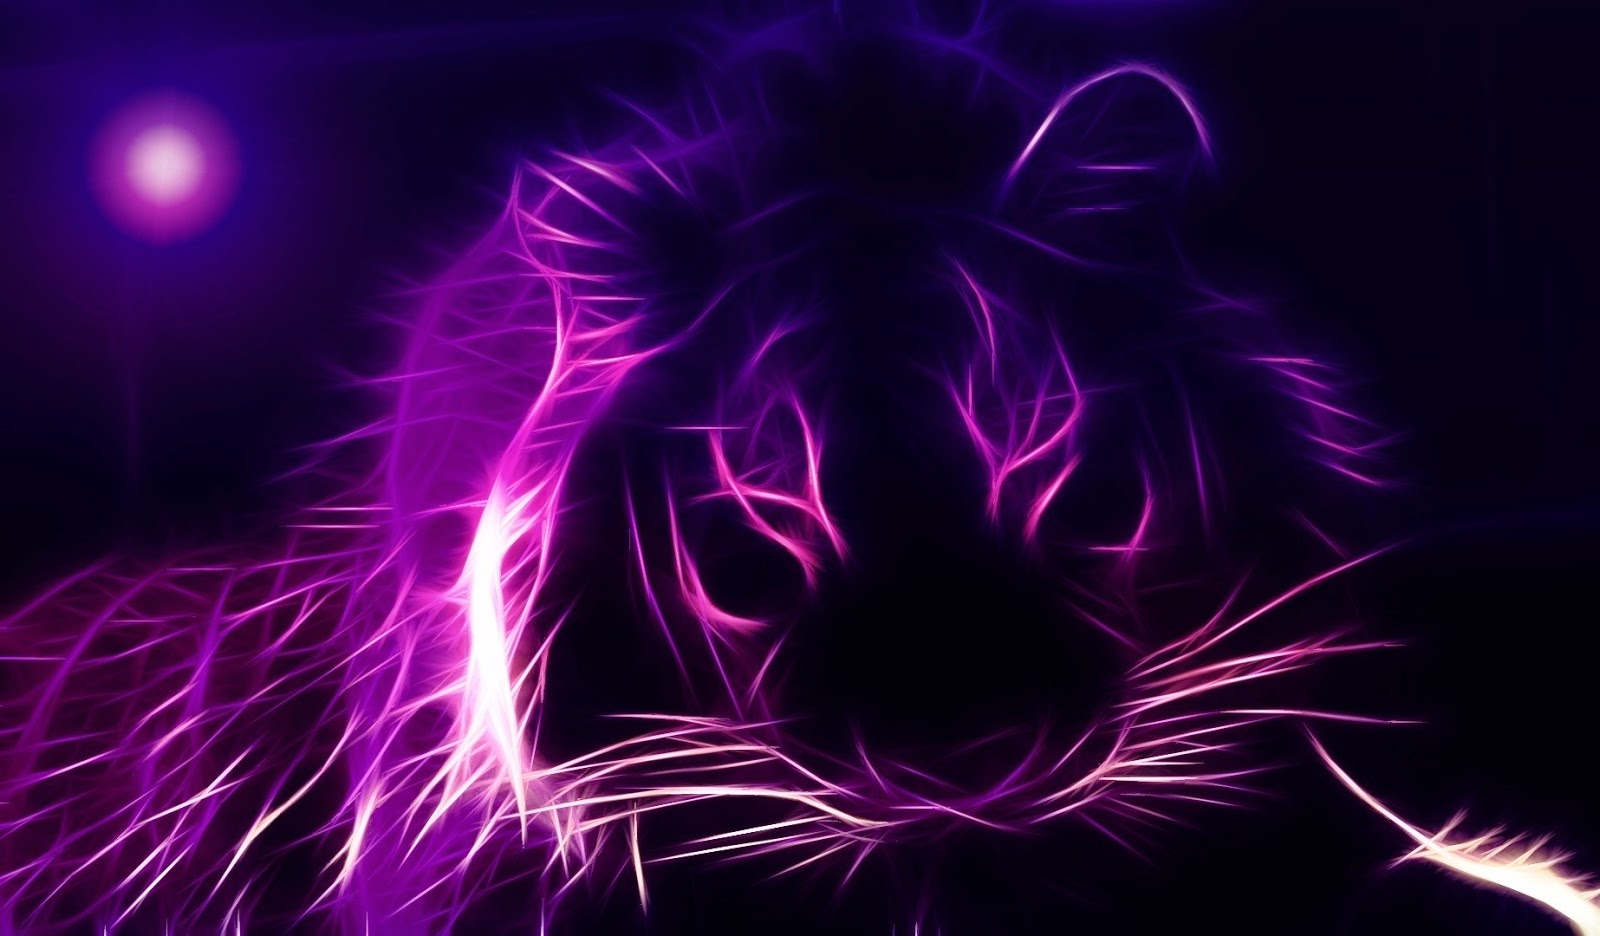 Zwarte achtergrond met paarse kop van leeuw